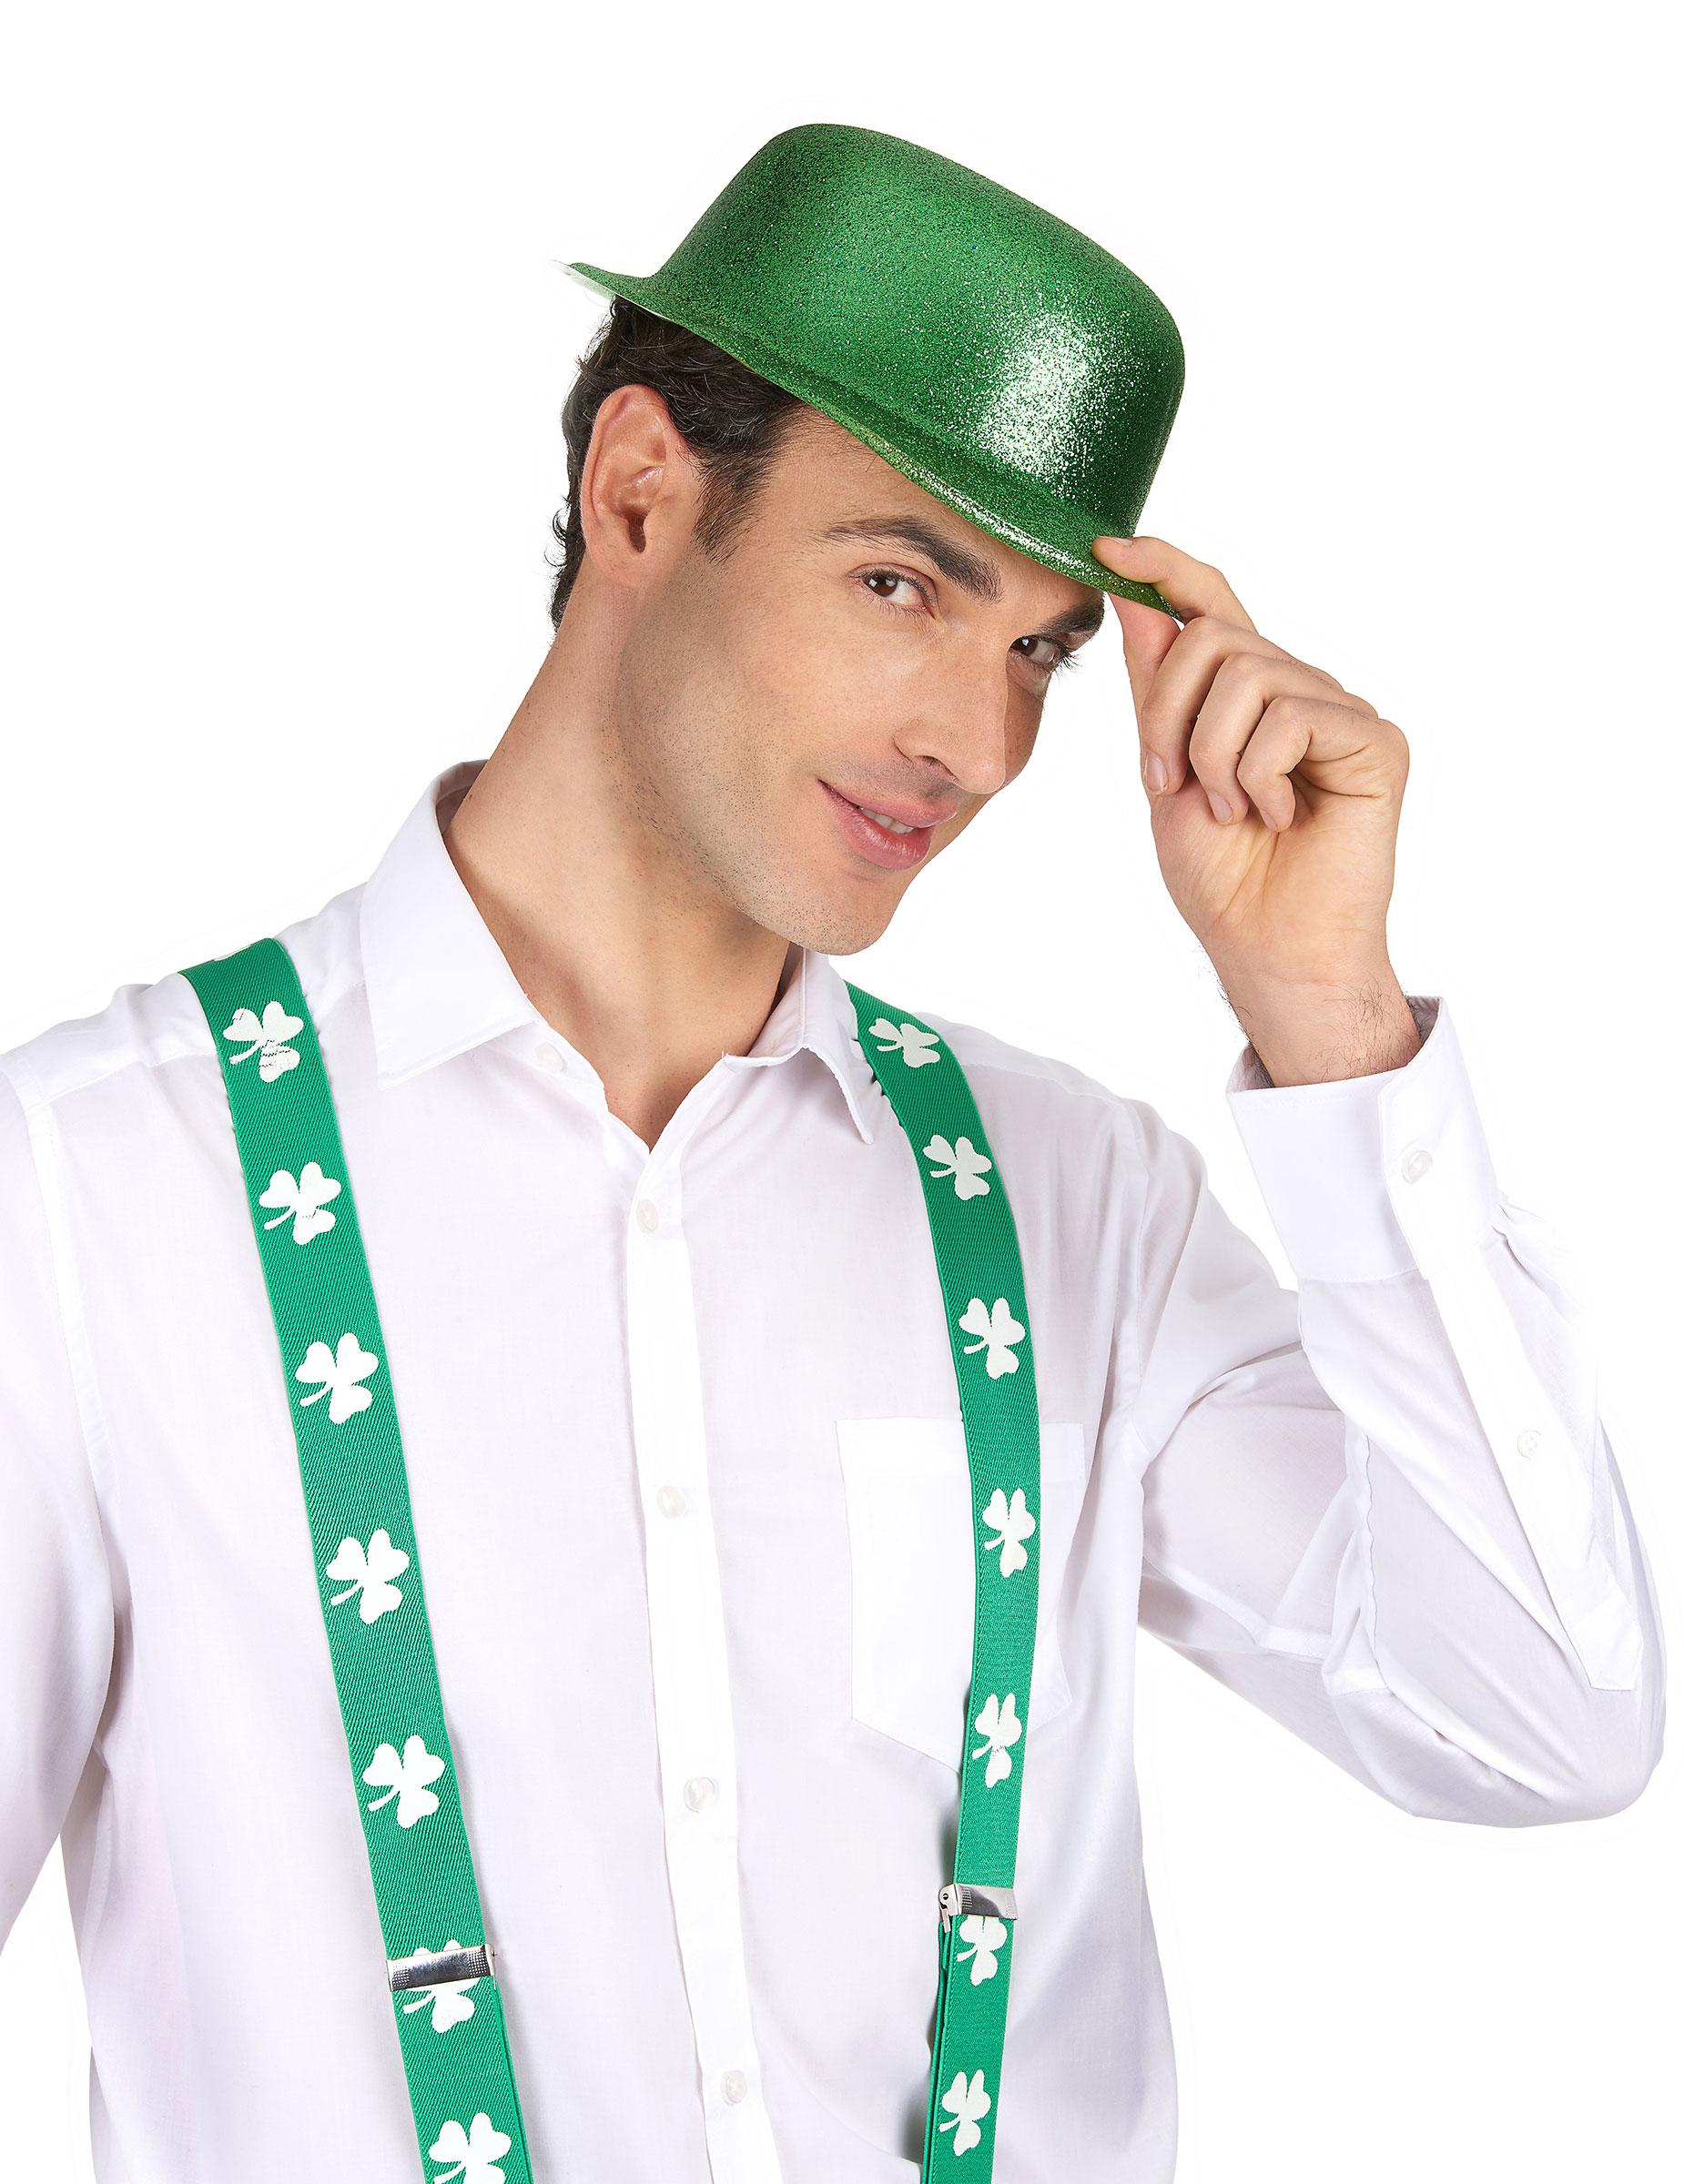 sombrero-melon-verde-brillante-san-patricio_2